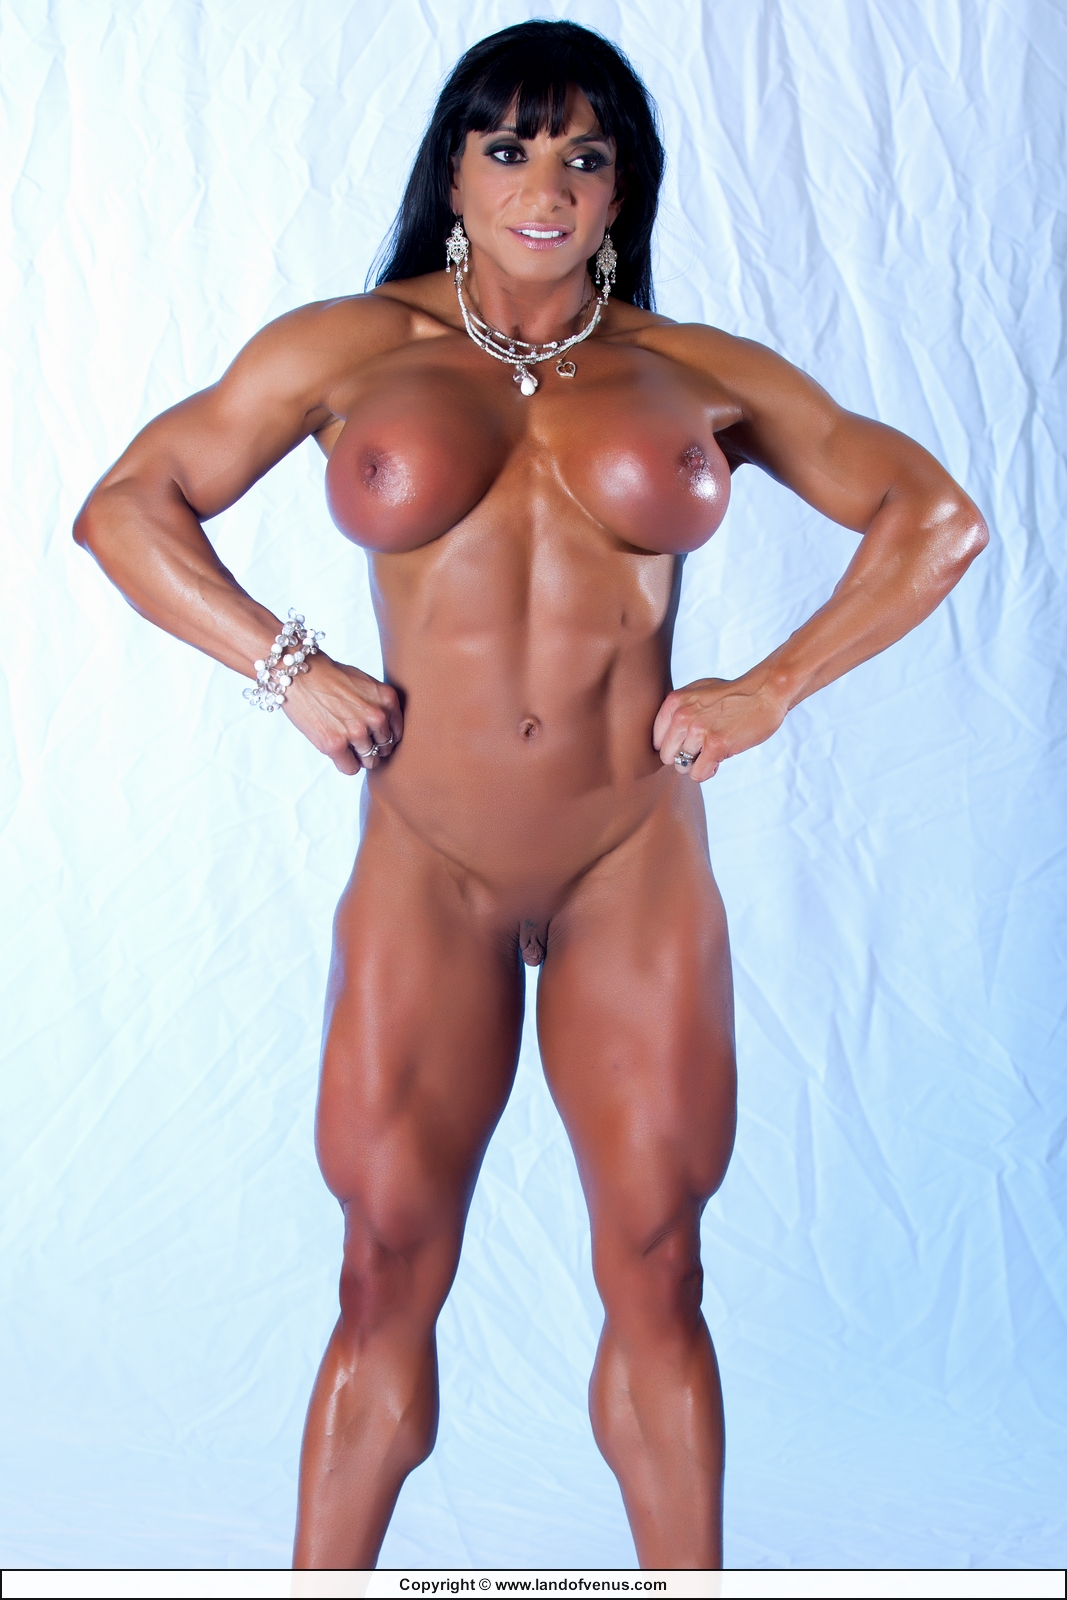 Body builder female free naked